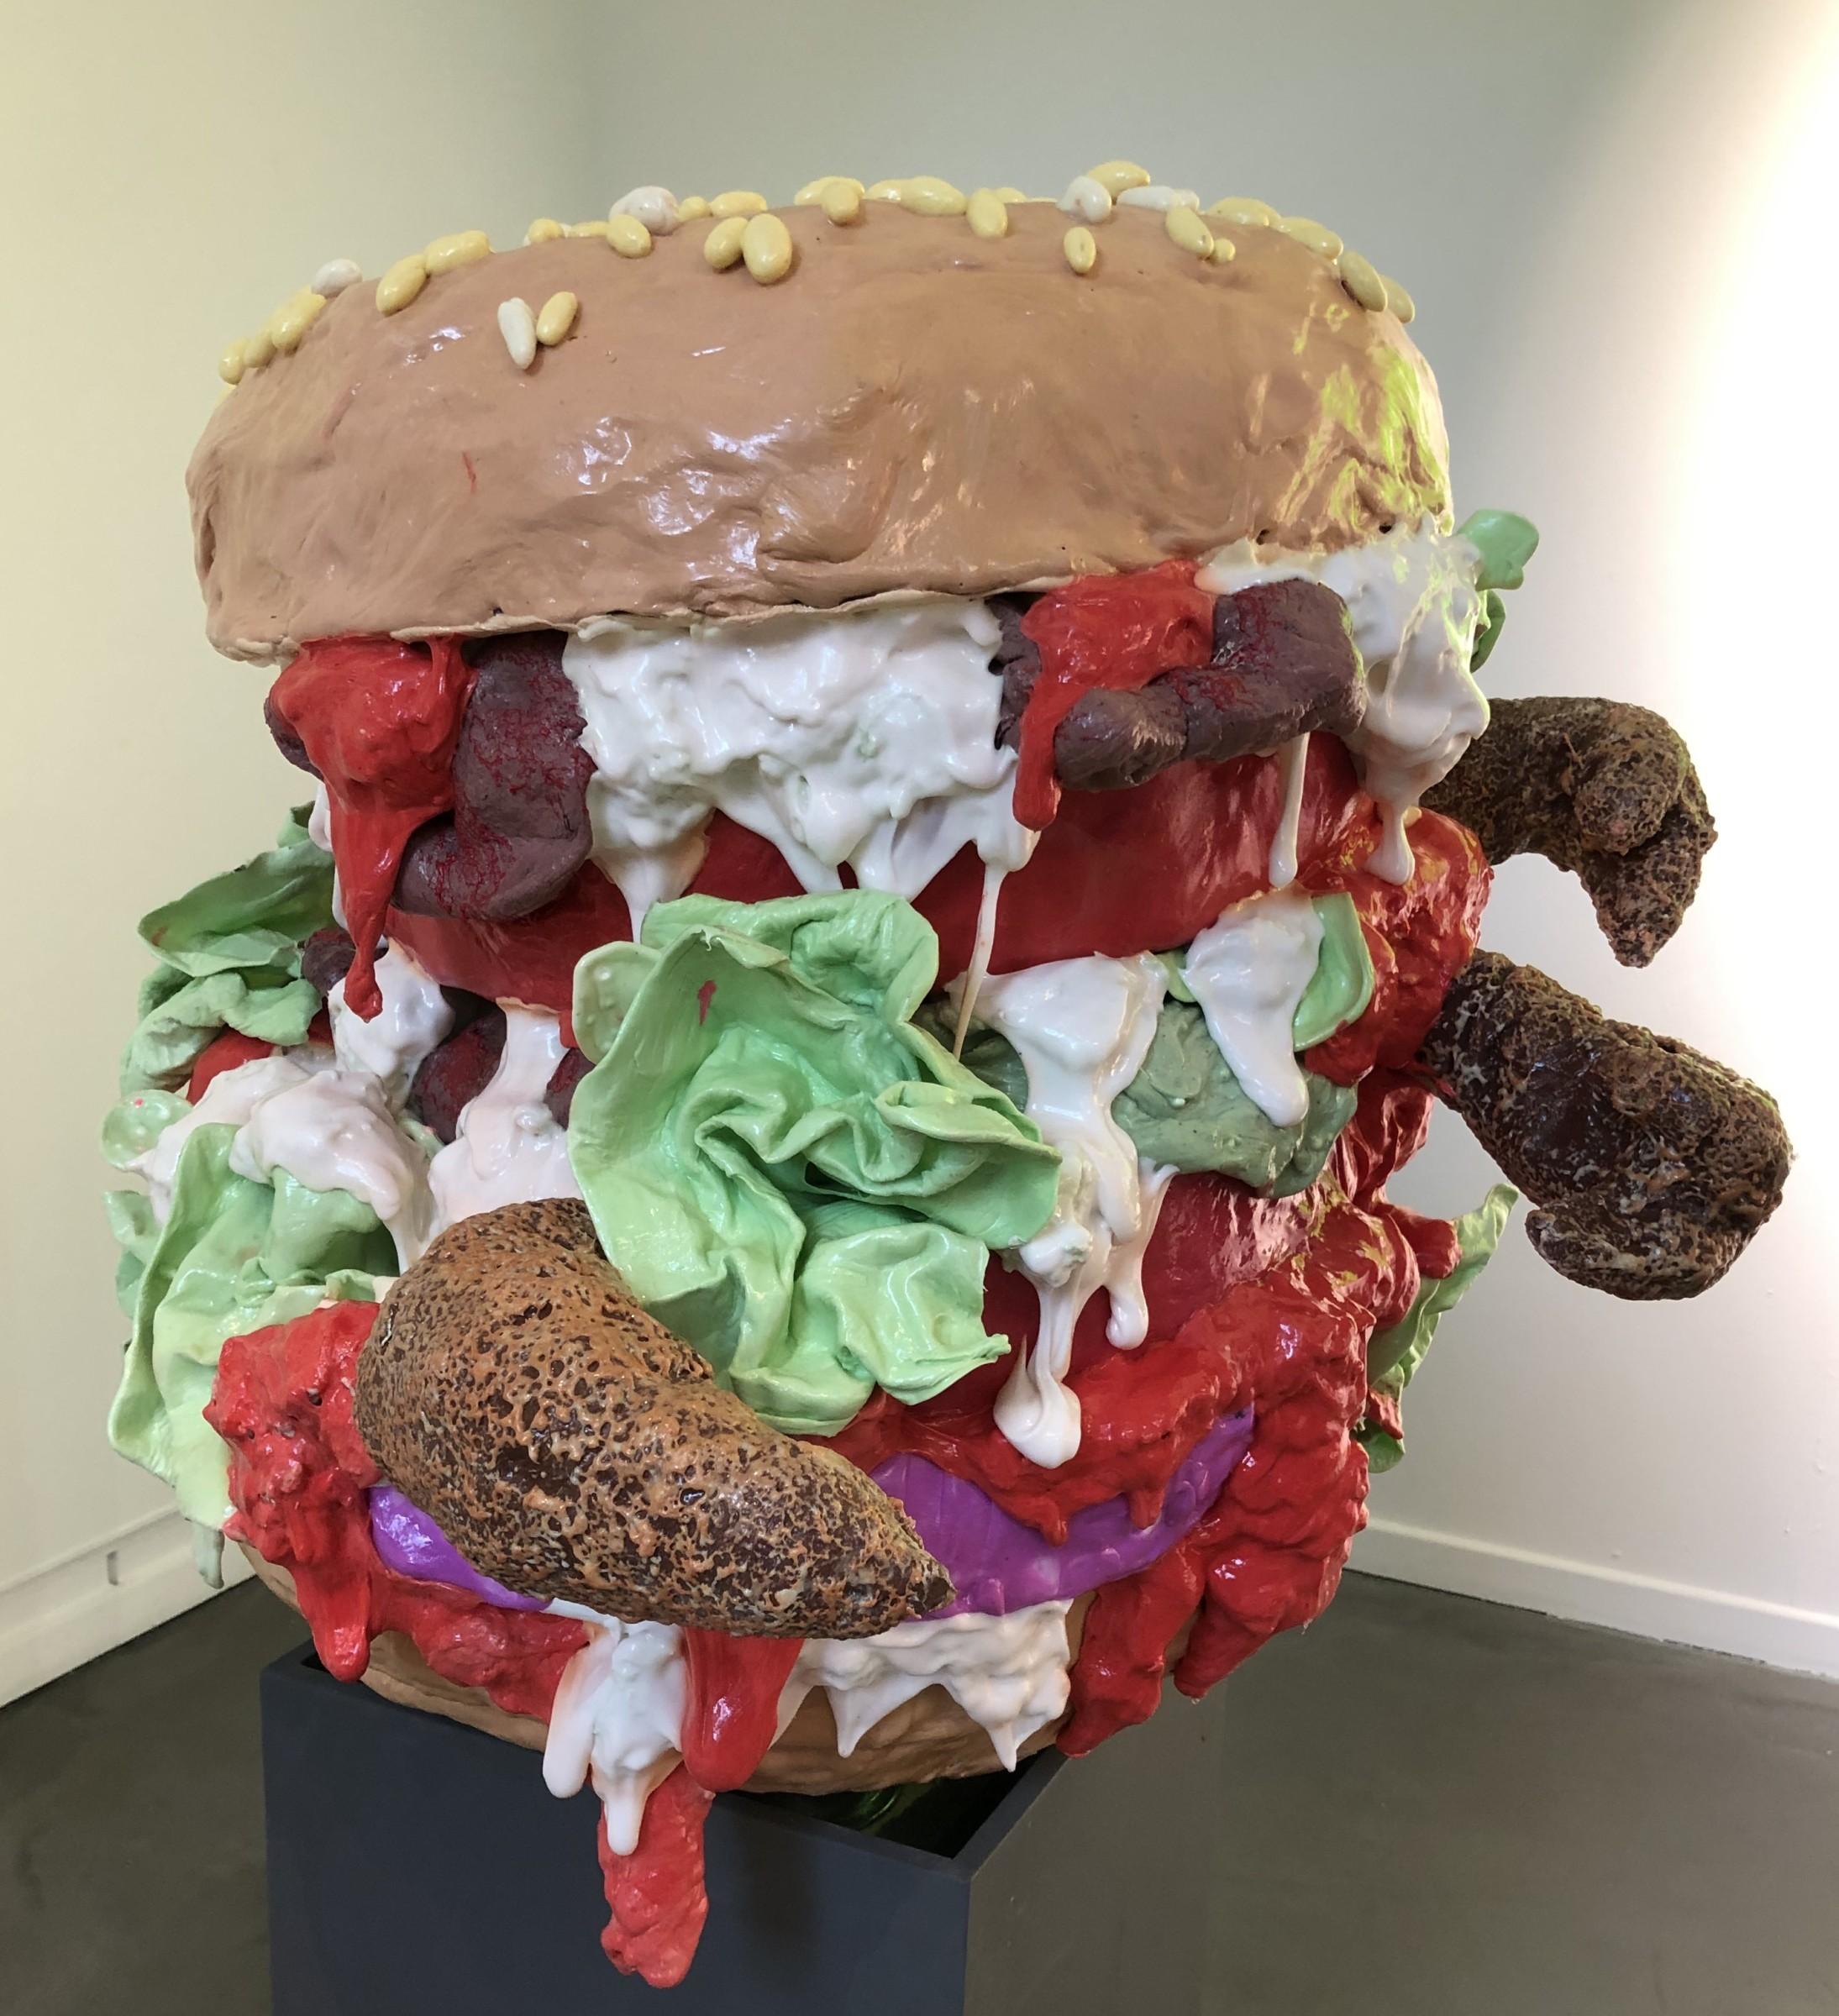 """<span class=""""link fancybox-details-link""""><a href=""""/artists/42-stefan-gross/works/5628-stefan-gross-hamburger-2019/"""">View Detail Page</a></span><div class=""""artist""""><strong>Stefan Gross</strong></div> <div class=""""title""""><em>Hamburger</em>, 2019</div> <div class=""""medium"""">Oil plastic</div> <div class=""""dimensions"""">123 x 100 cm</div><div class=""""price"""">€6,500.00</div>"""